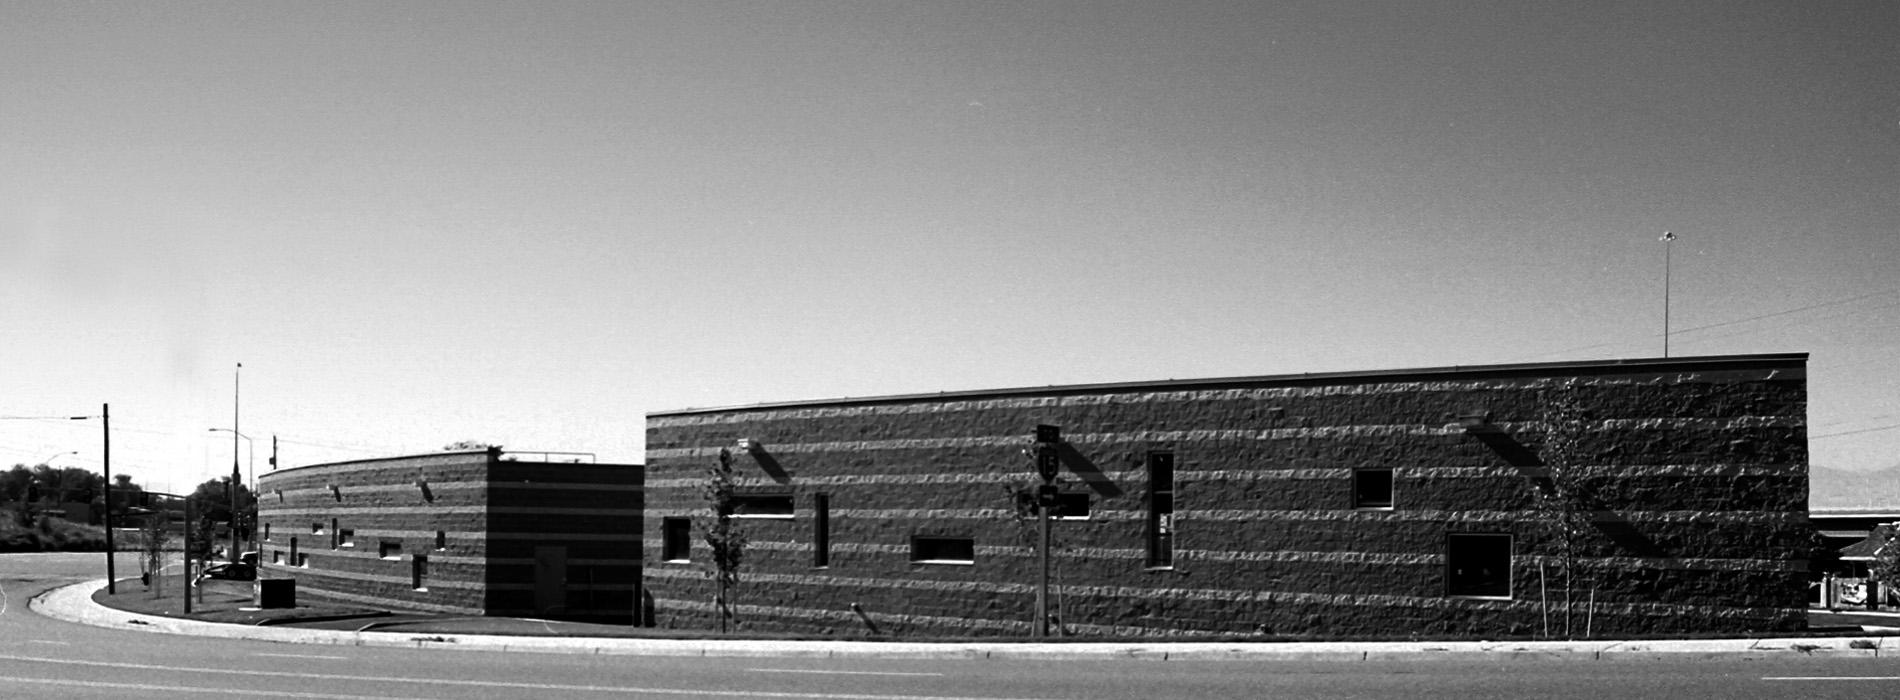 Stonegarden Retail Complex